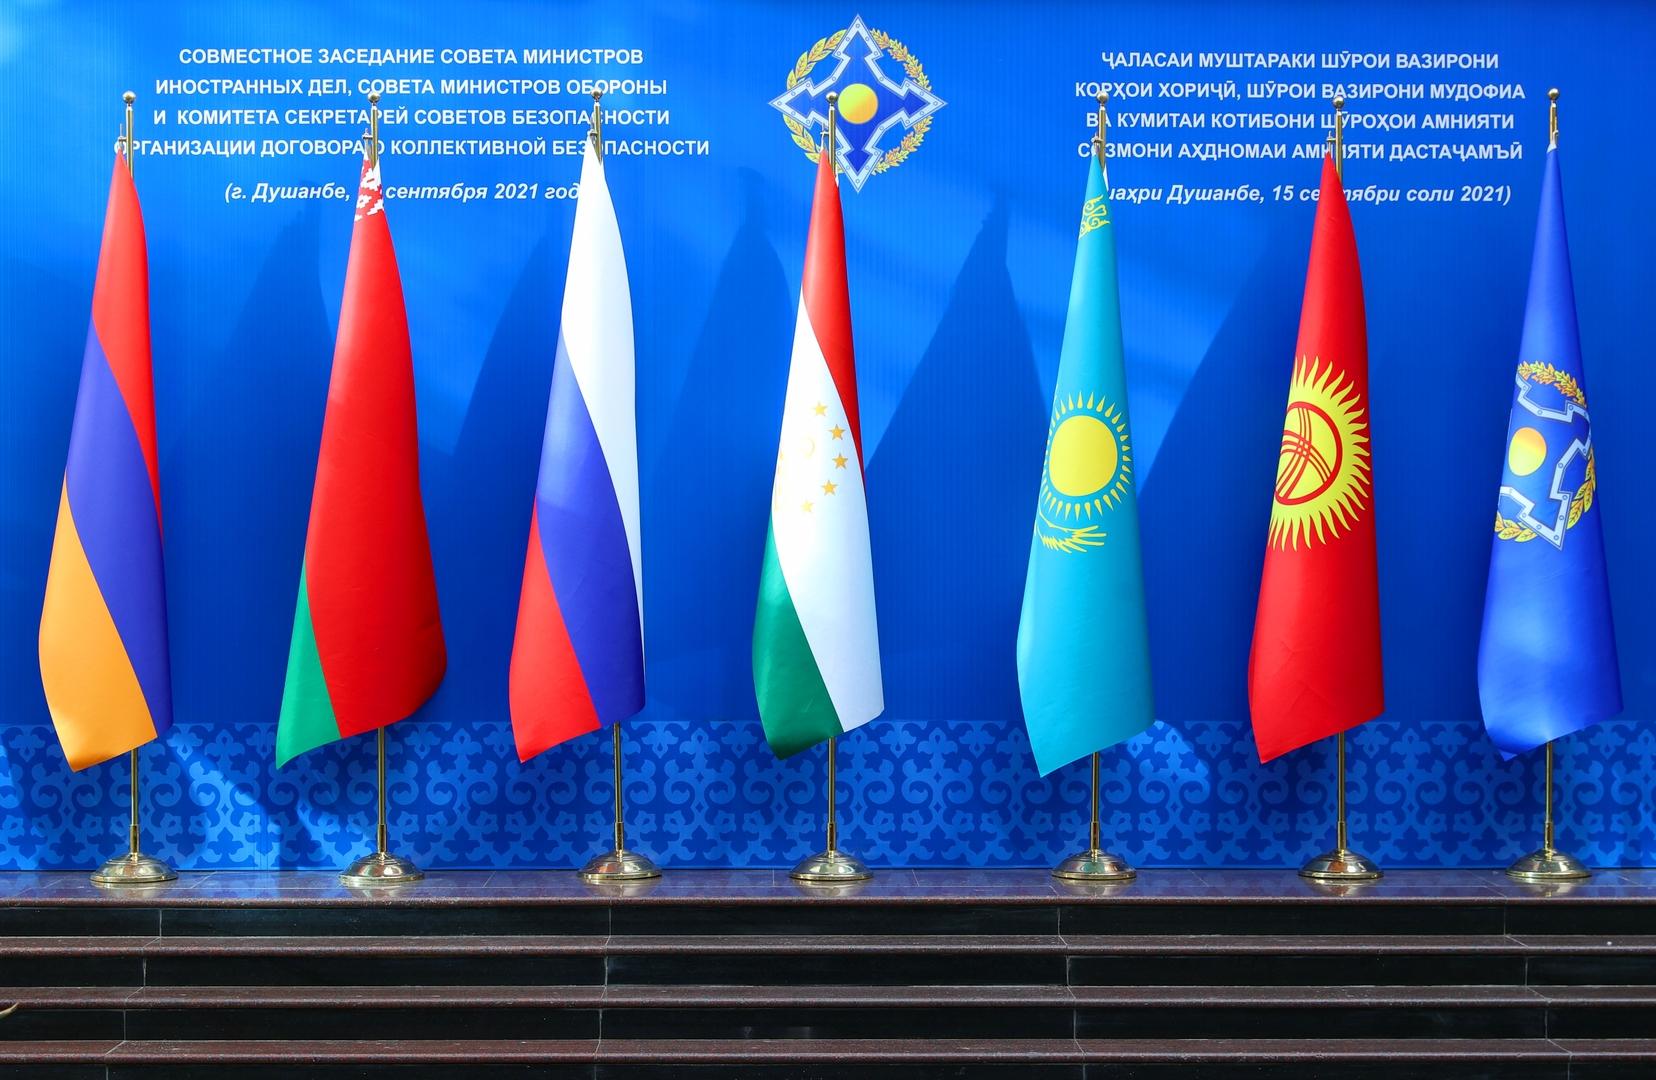 انطلاق قمة منظمة معاهدة الأمن الجماعي في طاجيكستان حول أفغانستان